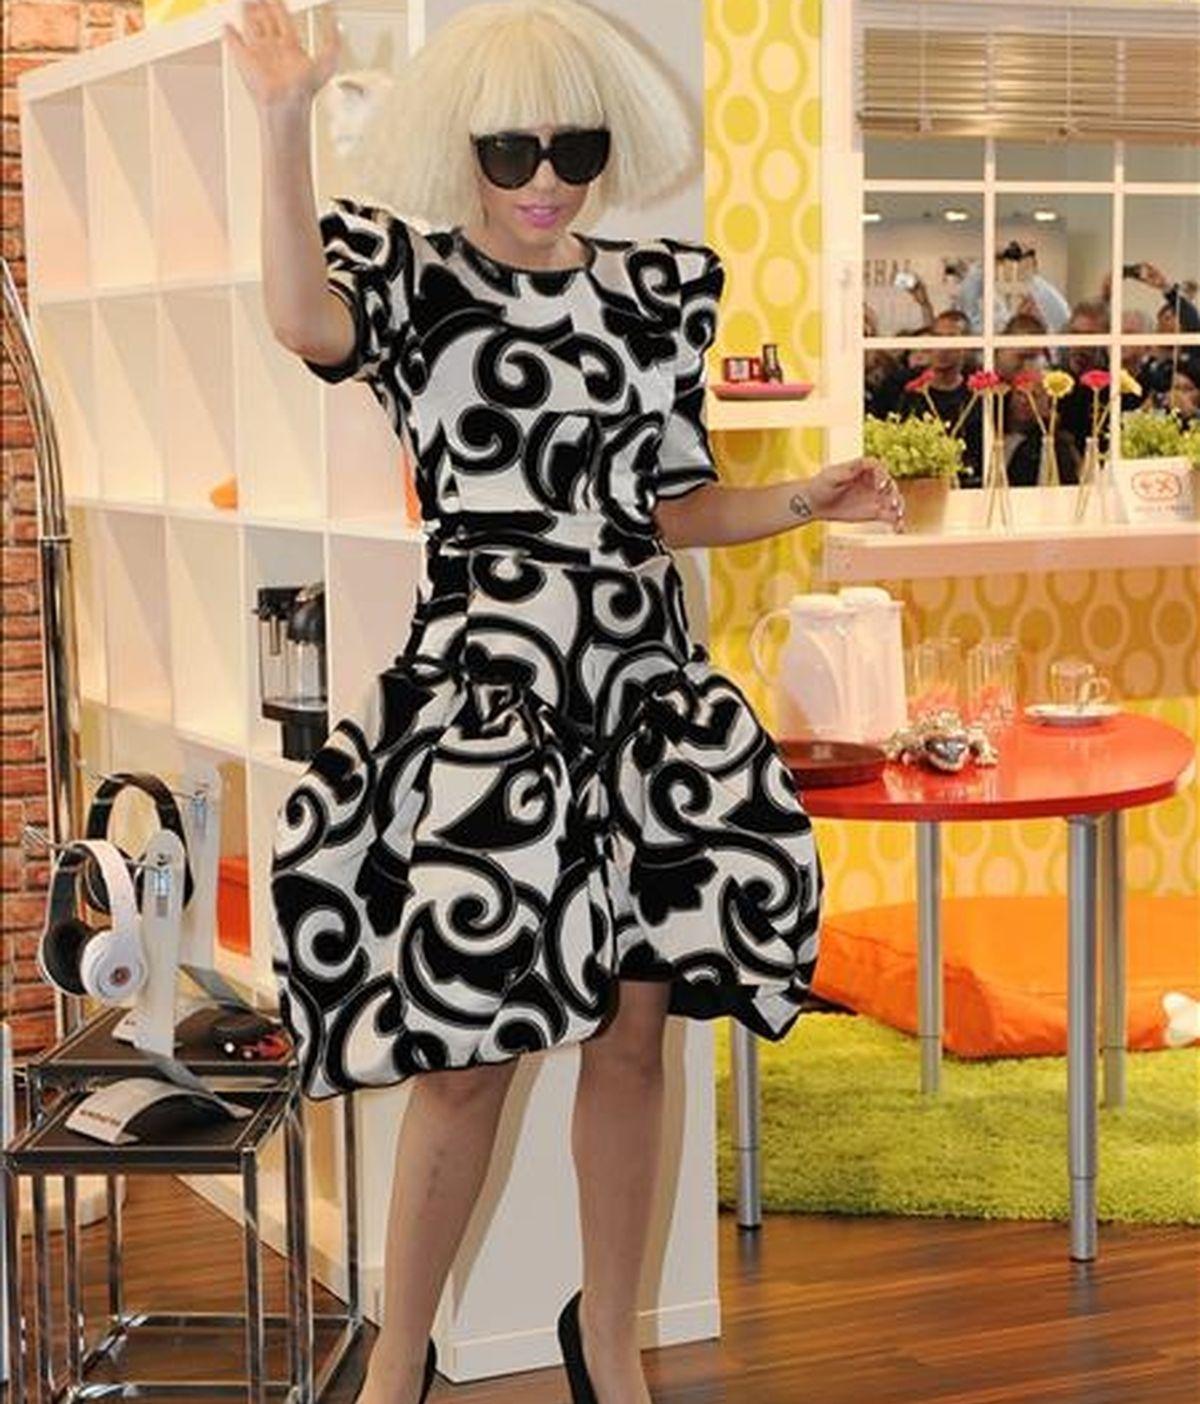 La cantante estadounidense Lady Gaga. EFE/Archivo